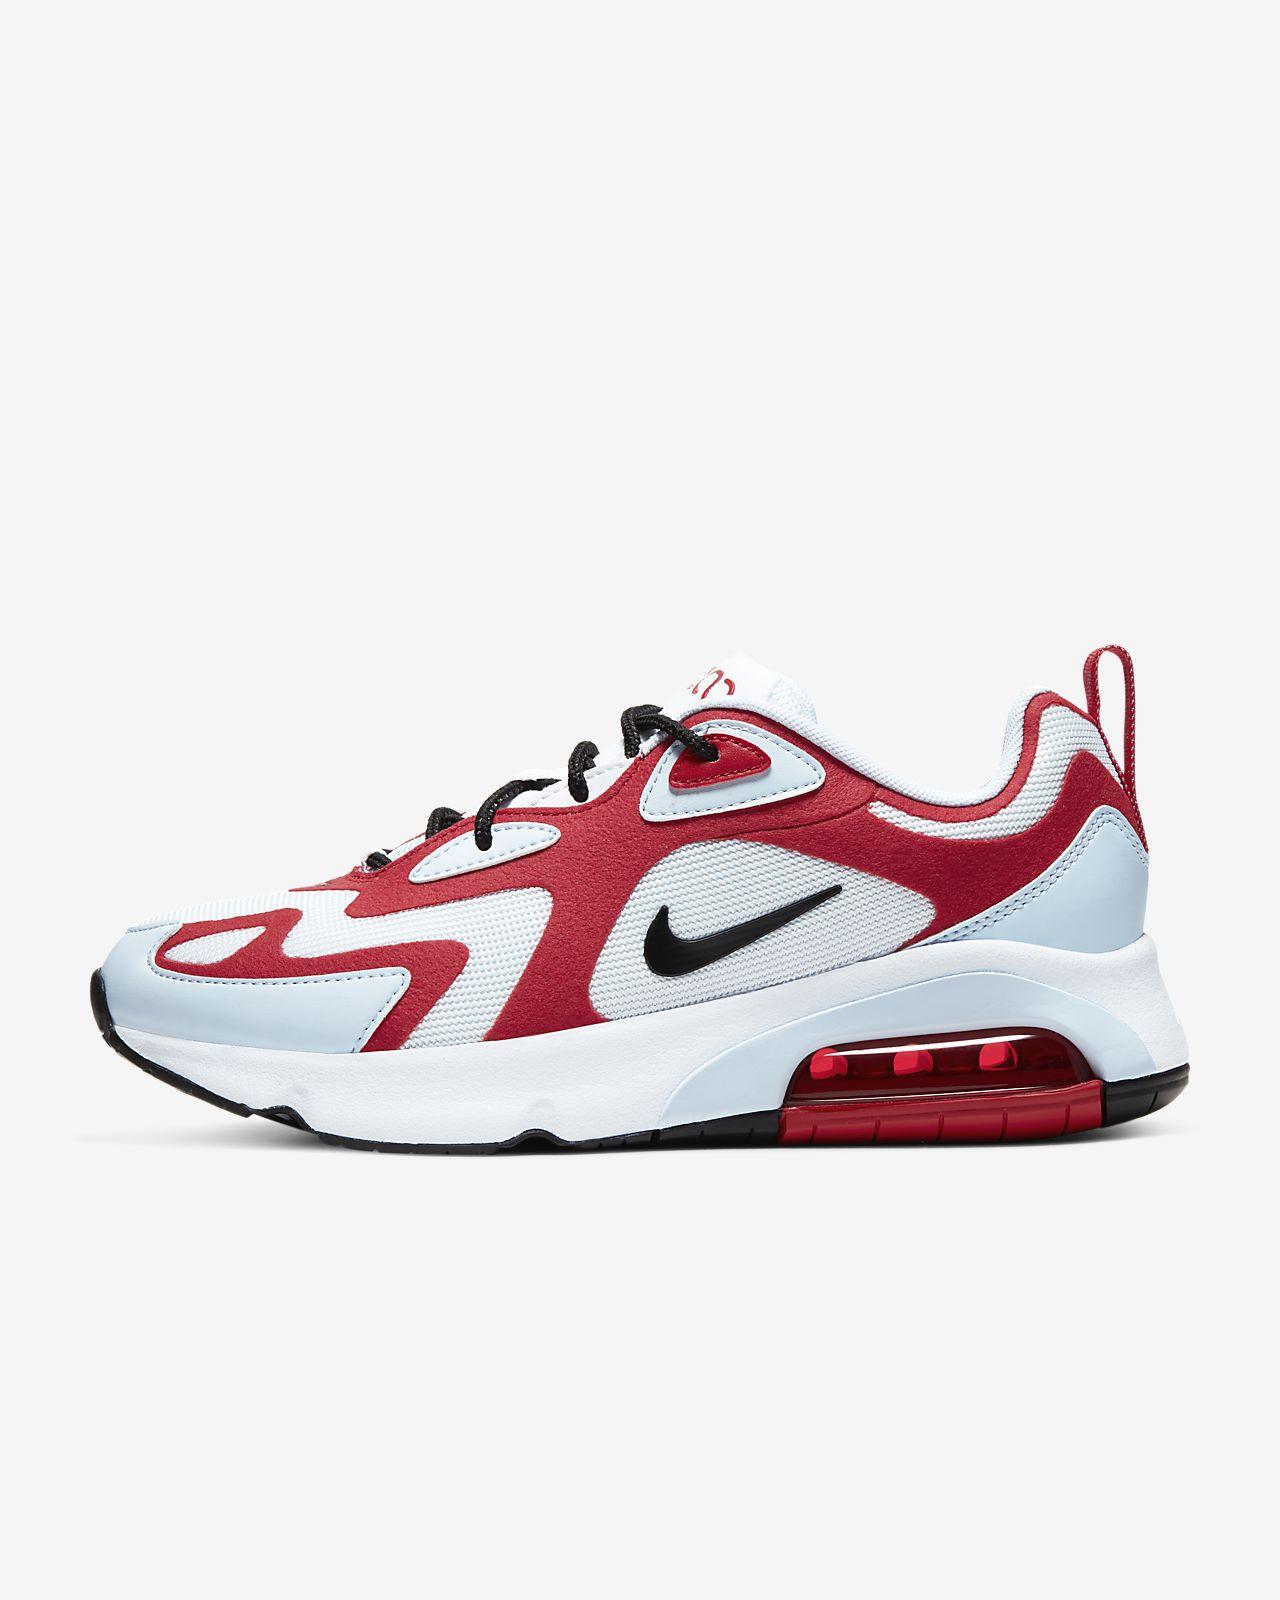 Sko Nike Air Max 200 Icon Clash för kvinnor